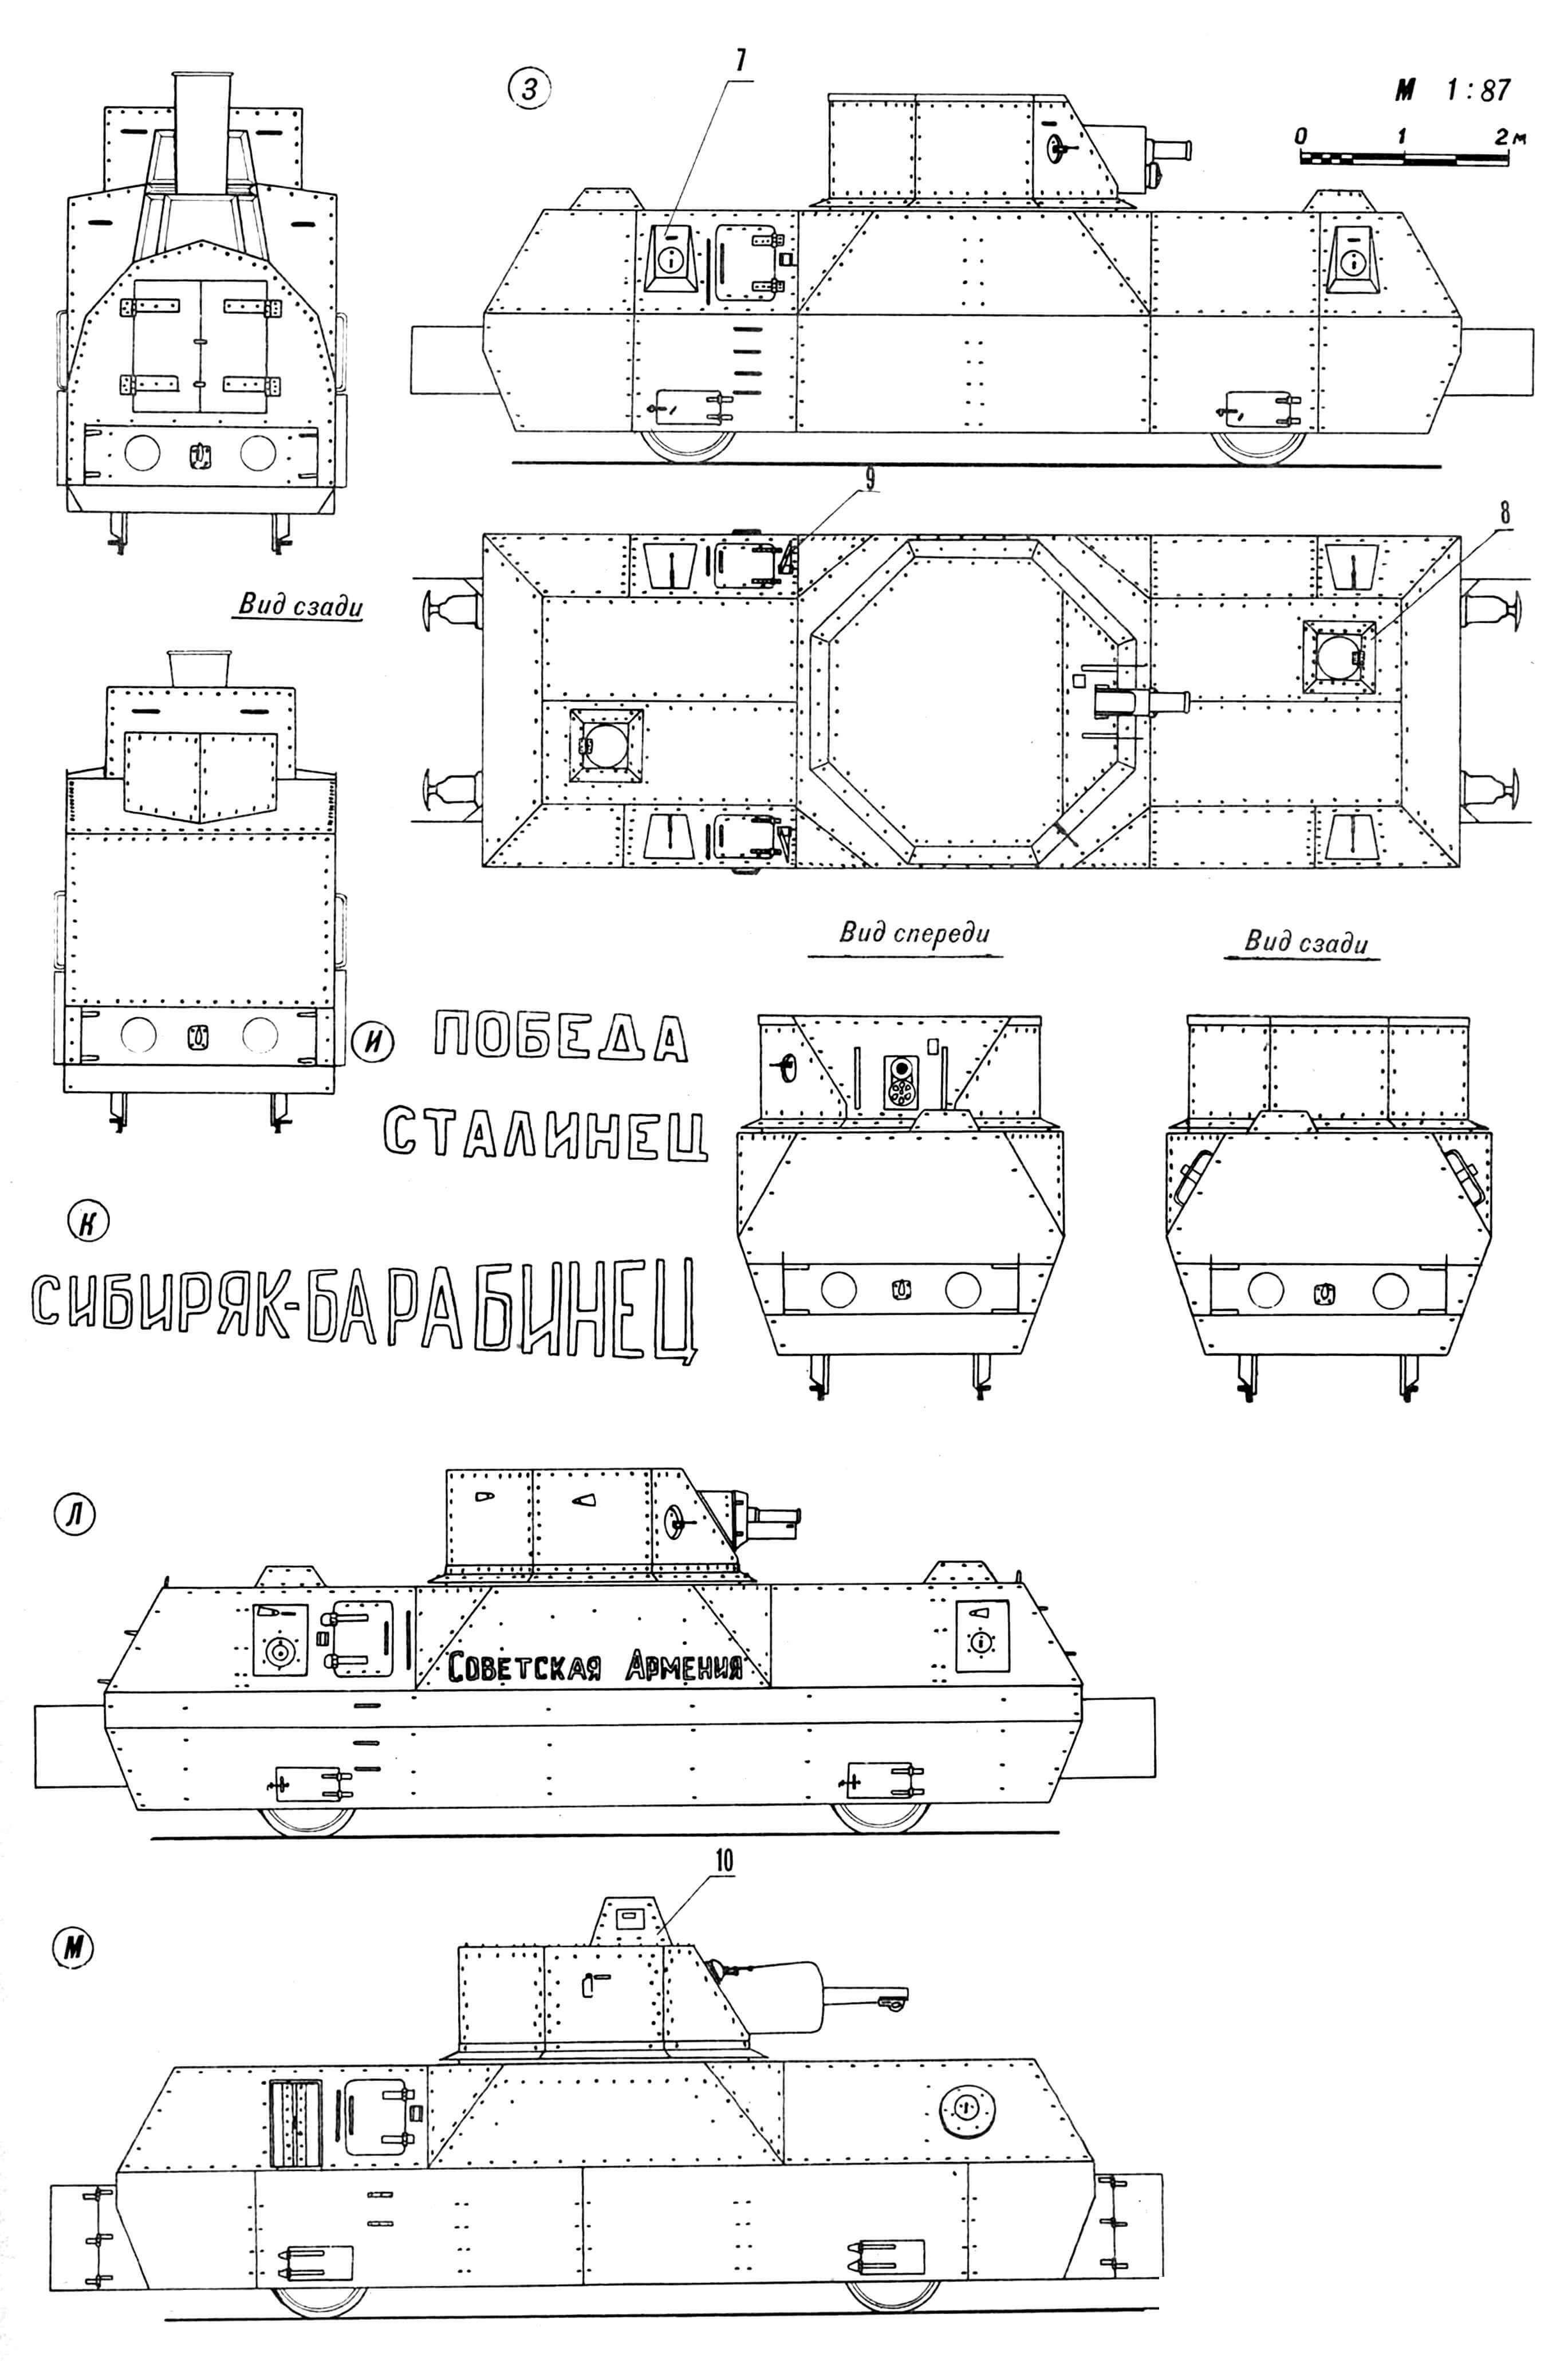 Бронепоезд типа ОБ-3: 1 — бронировка свистка паровоза, 2 — броневая будка командира бронепоезда, 3 — башня для установки зенитного пулемета, 4 — бронировка цилиндра паровоза, 5 — наблюдательный люк, 6 — радиорубка, 7 — бортовая пулеметная установка, 8 — верхний люк для посадки экипажа, 9 — дверной упор, 10 - броневая башенка командира бронеплощадки. А — паровоз типового бронирования бронепоездов ОБ-3. Б — площадка бронепоезда № 704 «Лунинец» с 76-мм зенитной пушкой обр. 1915 г. В — варианты бронировки цилиндров паровоза. Г — площадка бронепоезда «Комсомол Чувашии» с 76-мм зенитным орудием обр. 1915 г. Д — вариант установки 76-мм полевой пушки Ф-22. Е — модернизированная трофейная бронеплощадка ОБ-3 из состава германского бронепоезда Panzerzug 30 [Pz, Zug № 30]. Ж — варианты броневых будок командира поезда. 3 — площадка бронепоезда № 638 «Победа» с 76-мм полевой пушкой обр. 1902 г. И,К — варианты размещения подписей на тендере бронепаровоза. Л — площадка бронепоезда № 701 «Советская Армения» с 76-мм танковой пушкой КТ-28. М — площадка бронепоезда «Южноуральский железнодорожник» с 75-мм полевой французской пушкой обр. 1898 г.